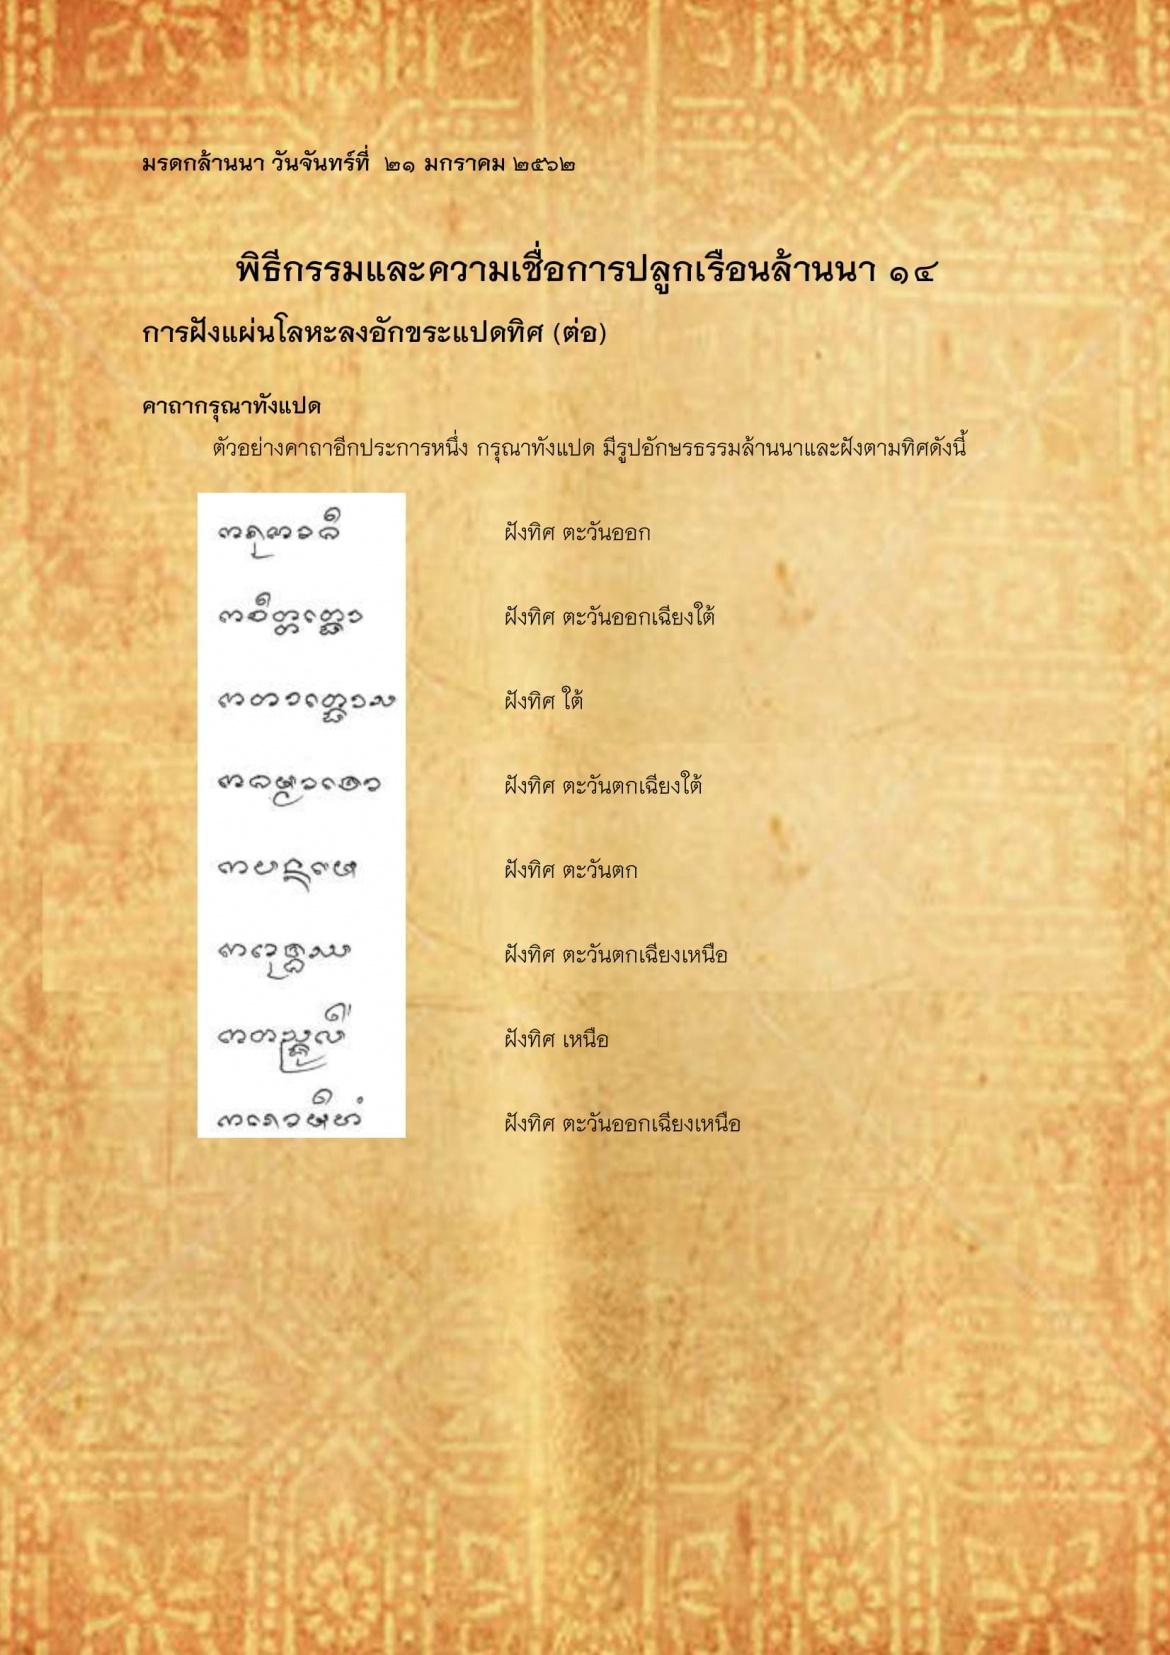 พิธีกรรมเเละความเชื่อการปลูกเรือนล้านนา(14) - 21 มกราคม 2562